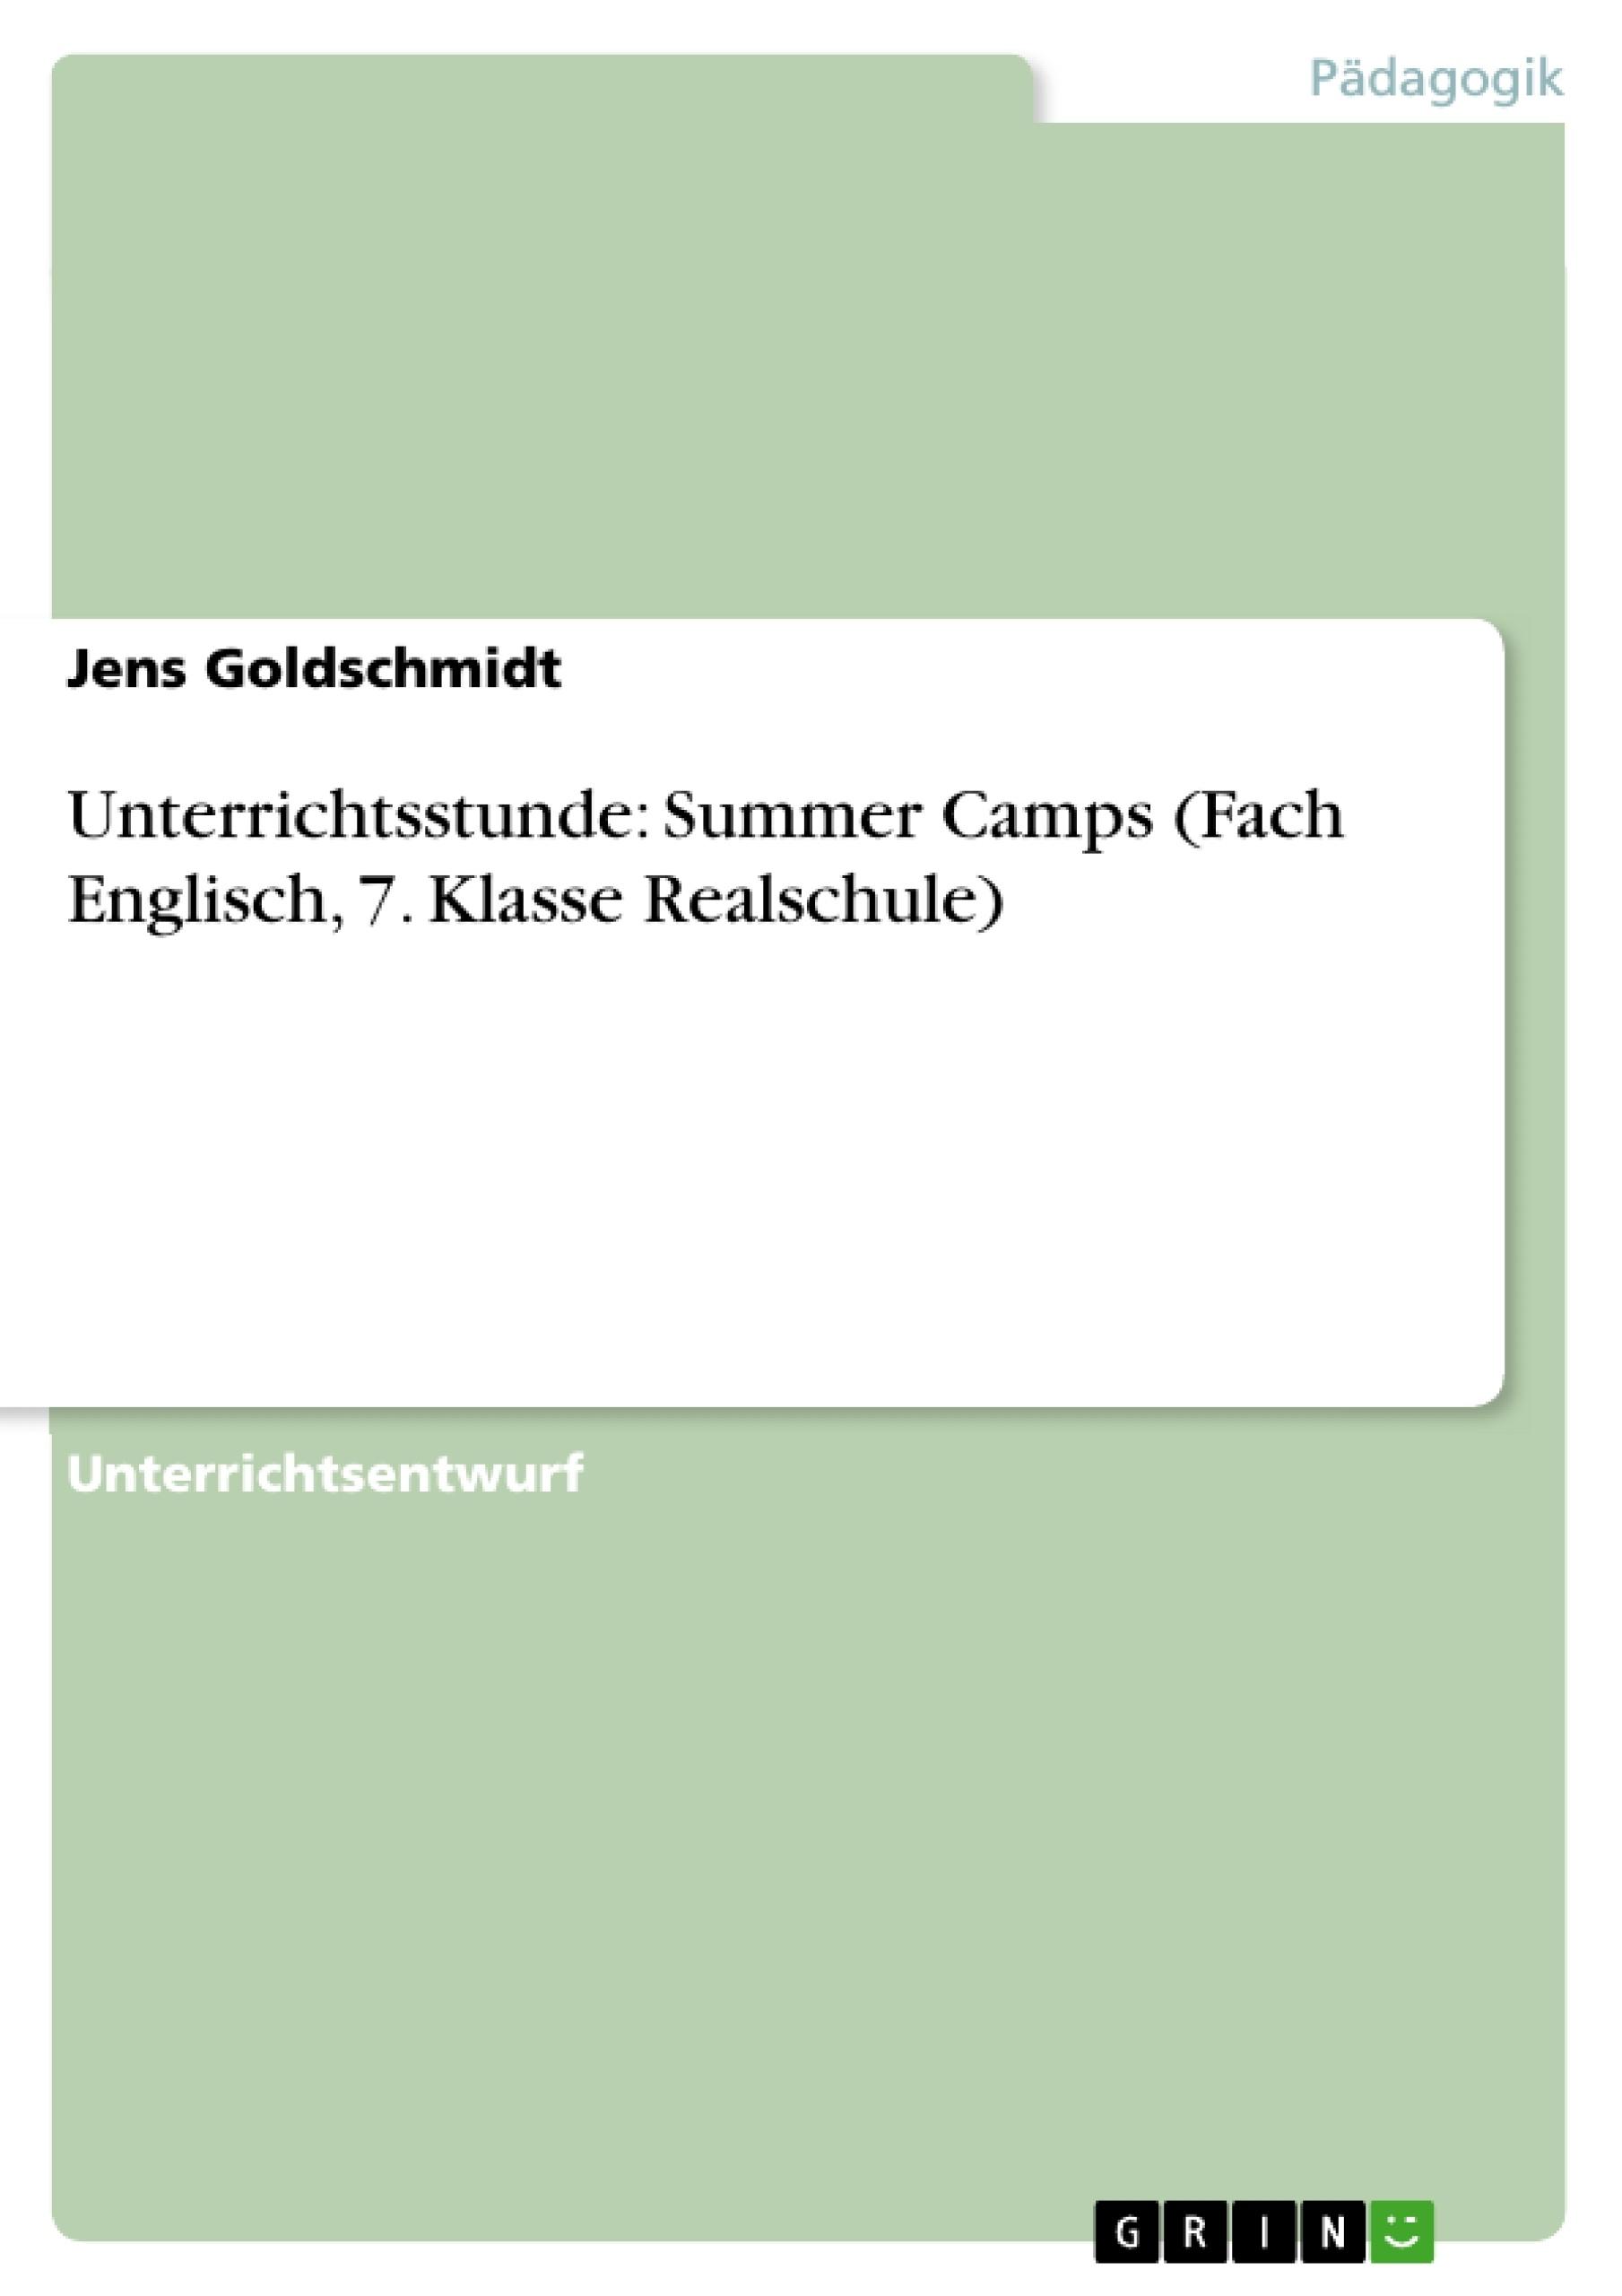 Titel: Unterrichtsstunde: Summer Camps (Fach Englisch, 7. Klasse Realschule)